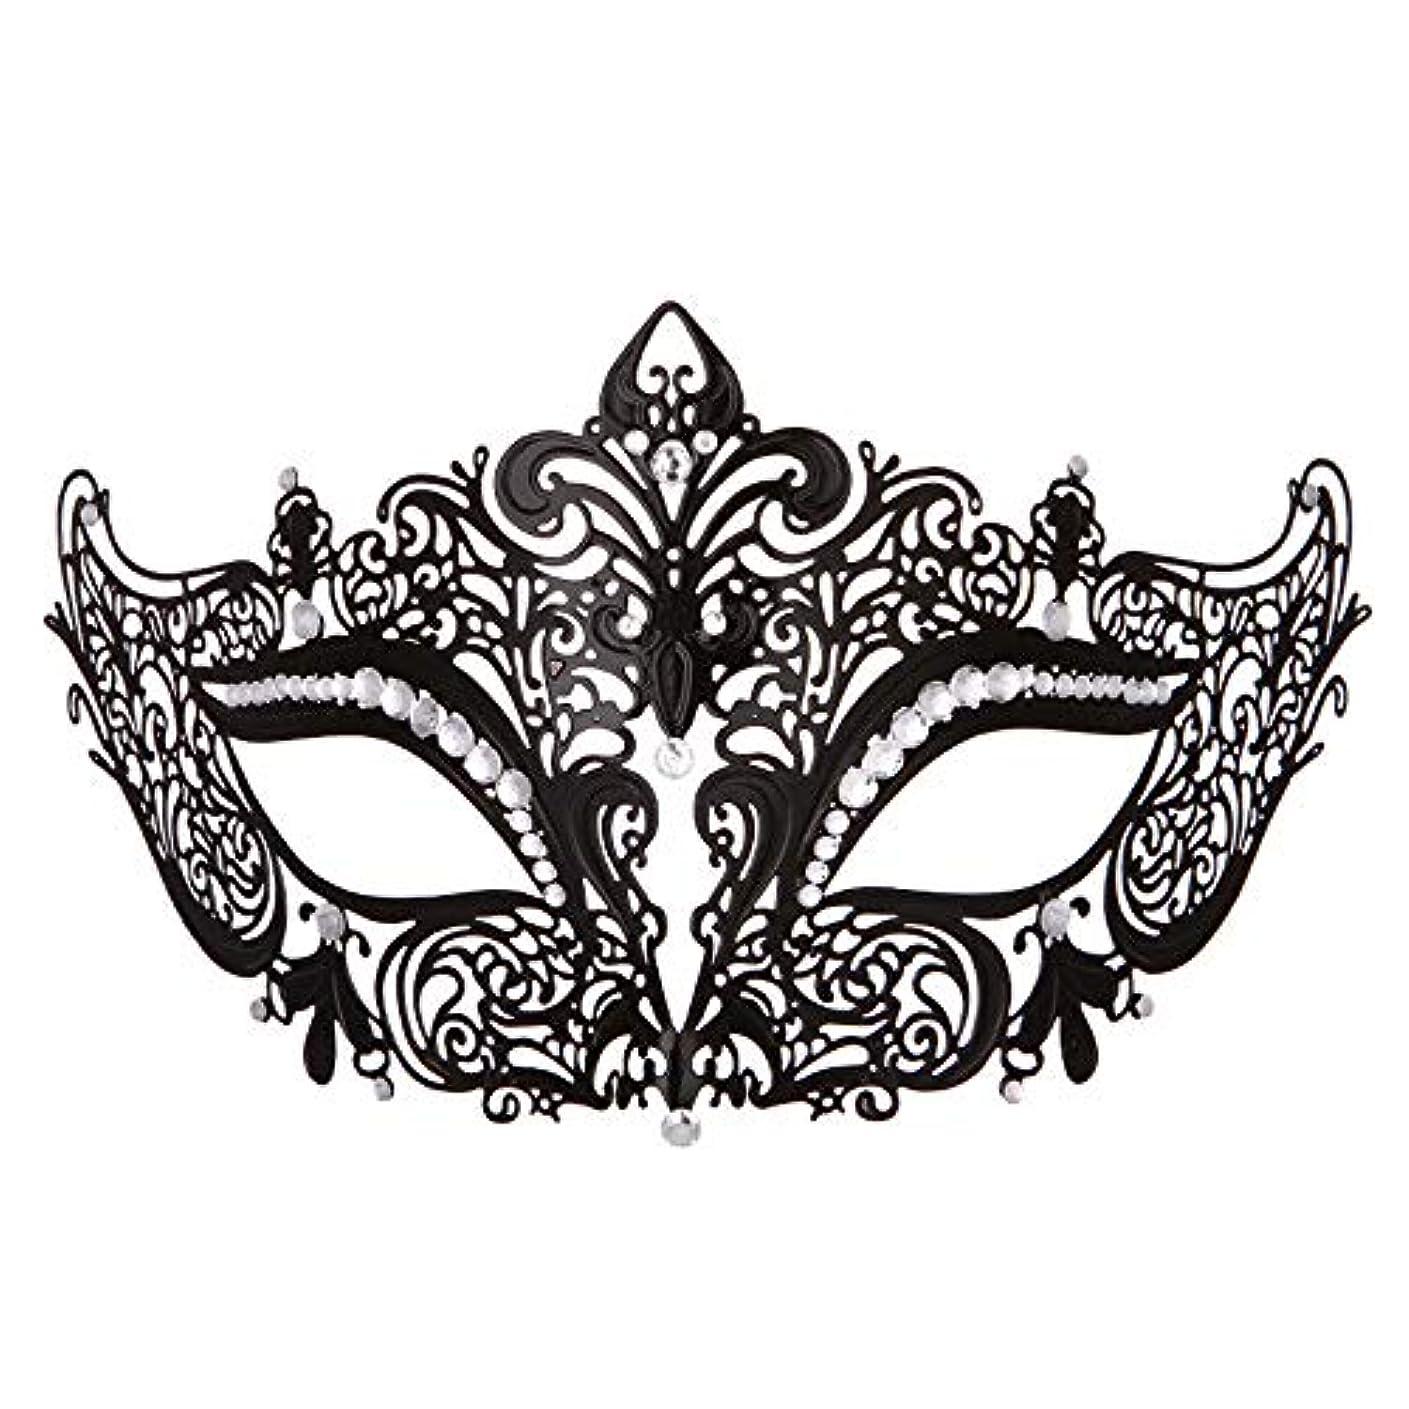 浮浪者美人乙女ダンスマスク 高級金属鉄マスク女性美少女中空ハーフフェイスファッションナイトクラブパーティー仮面舞踏会マスク ホリデーパーティー用品 (色 : 白, サイズ : 19x8cm)